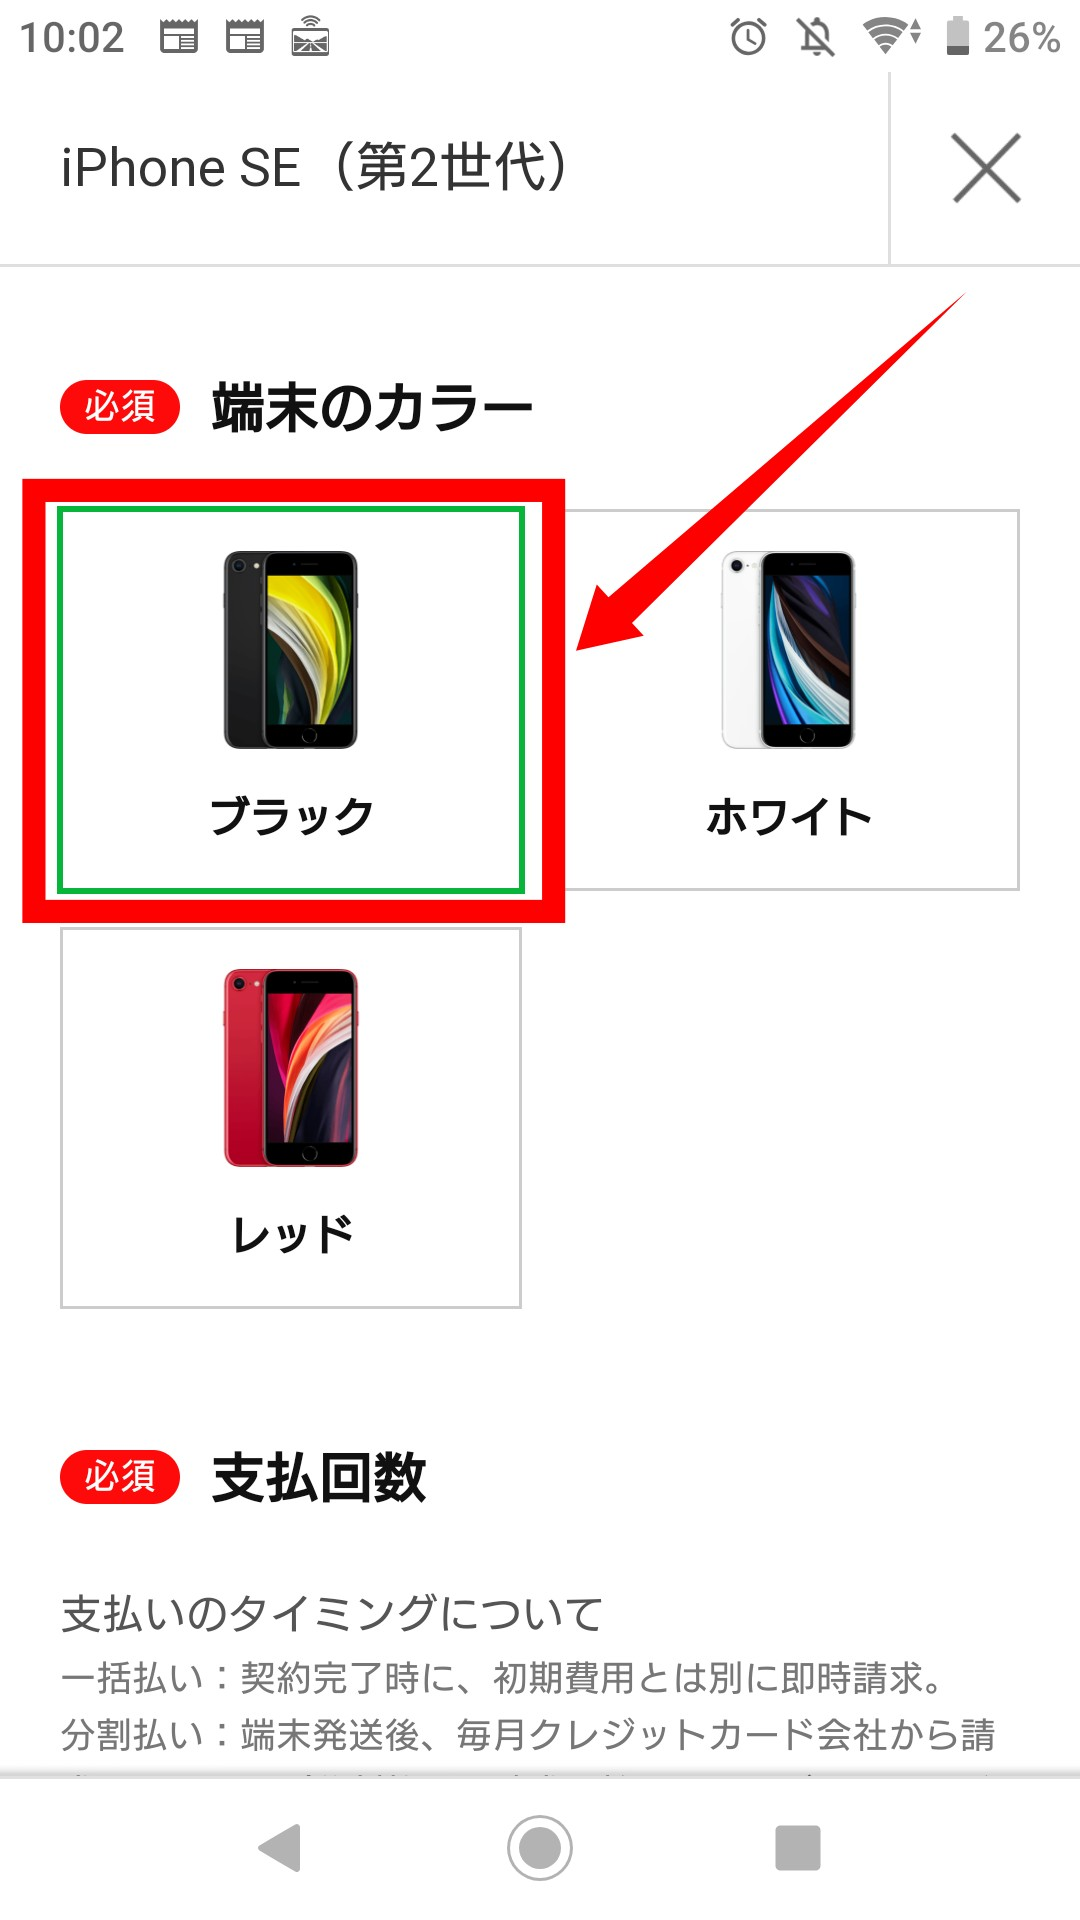 LINEモバイルでiPhoneを購入する手順